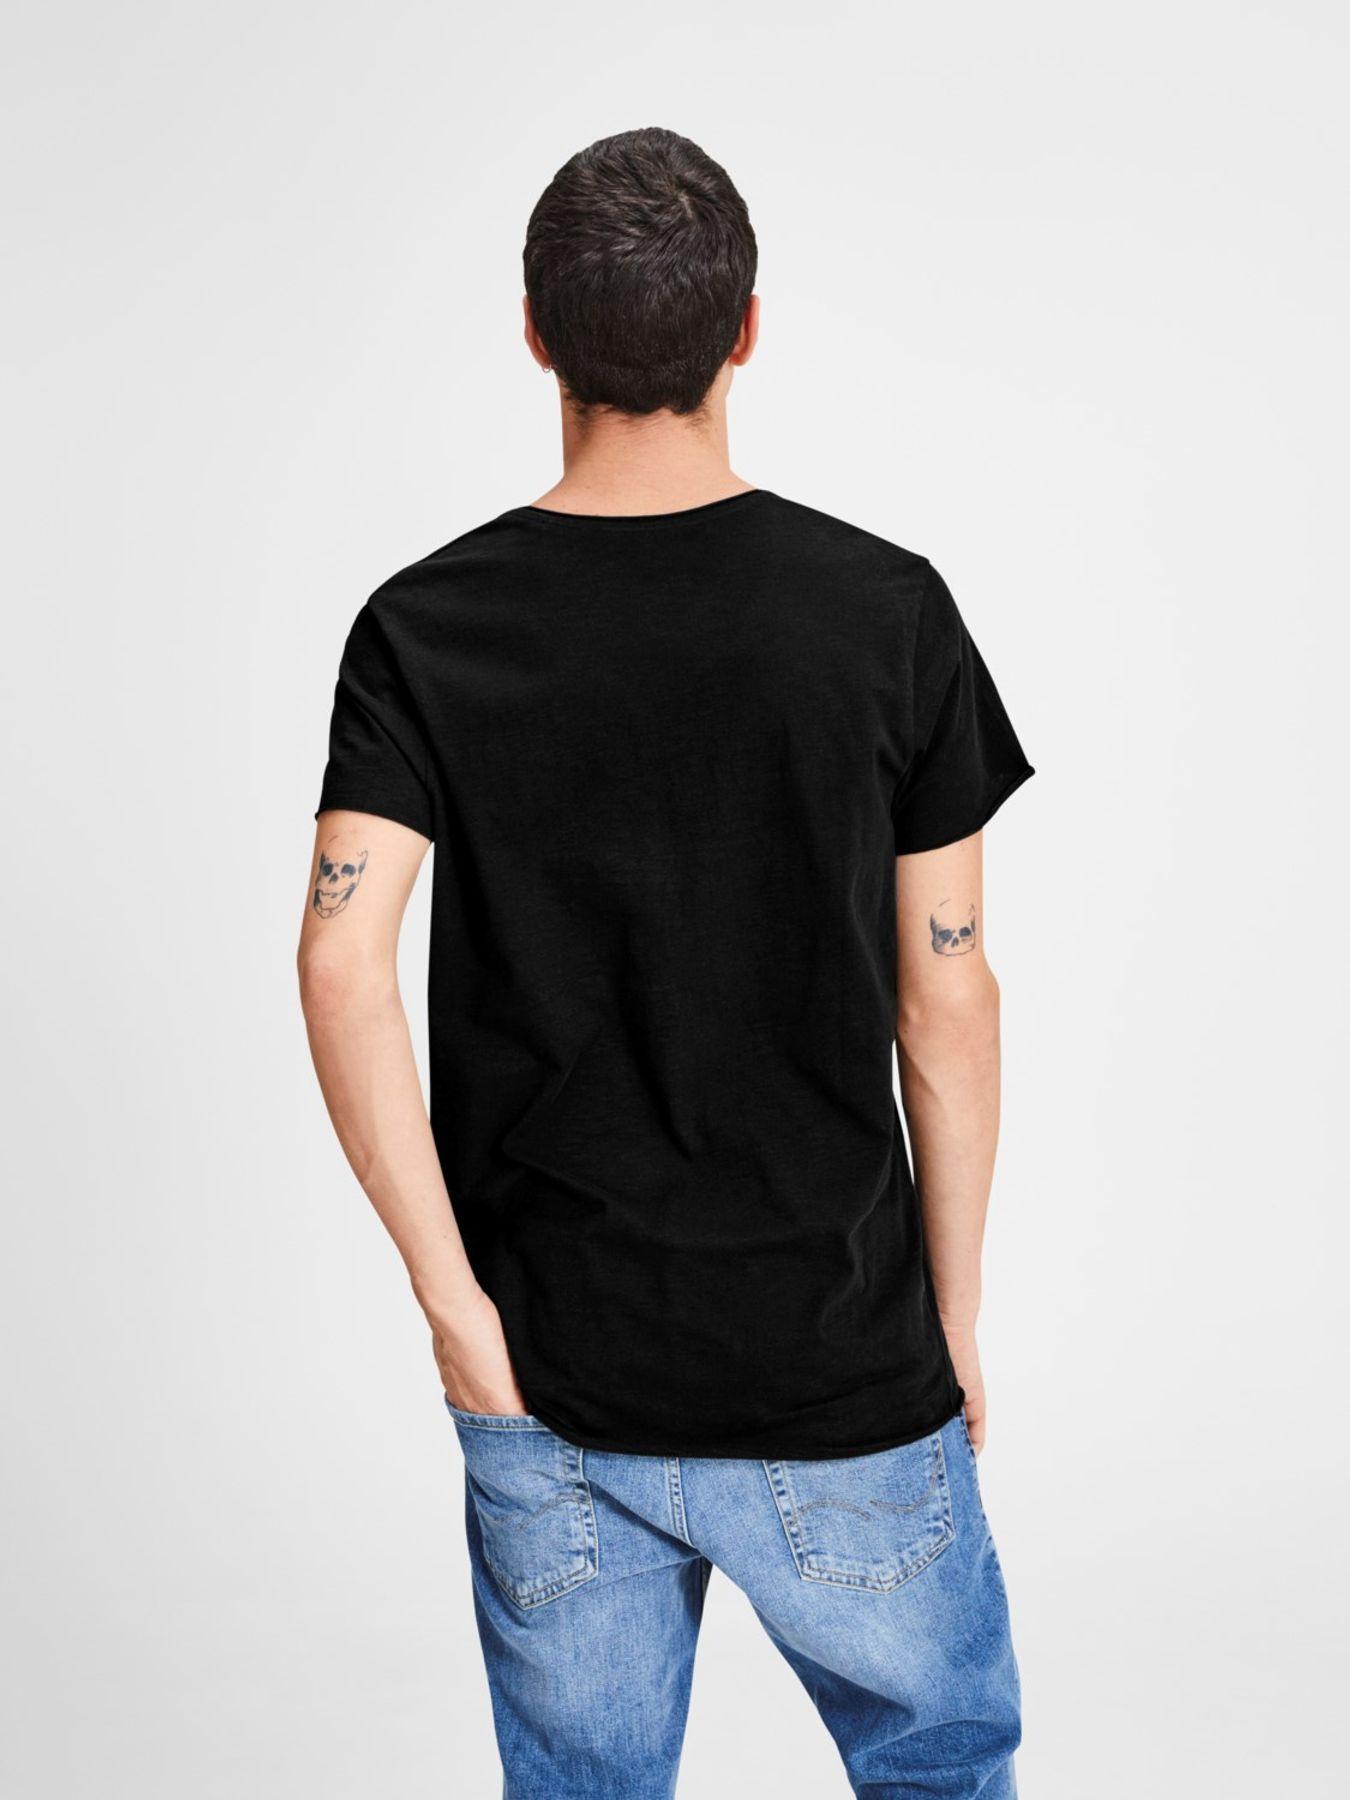 Jack & Jones - Herren T-shirt in verschiedenen Farben, (Art. 12136679) – Bild 5